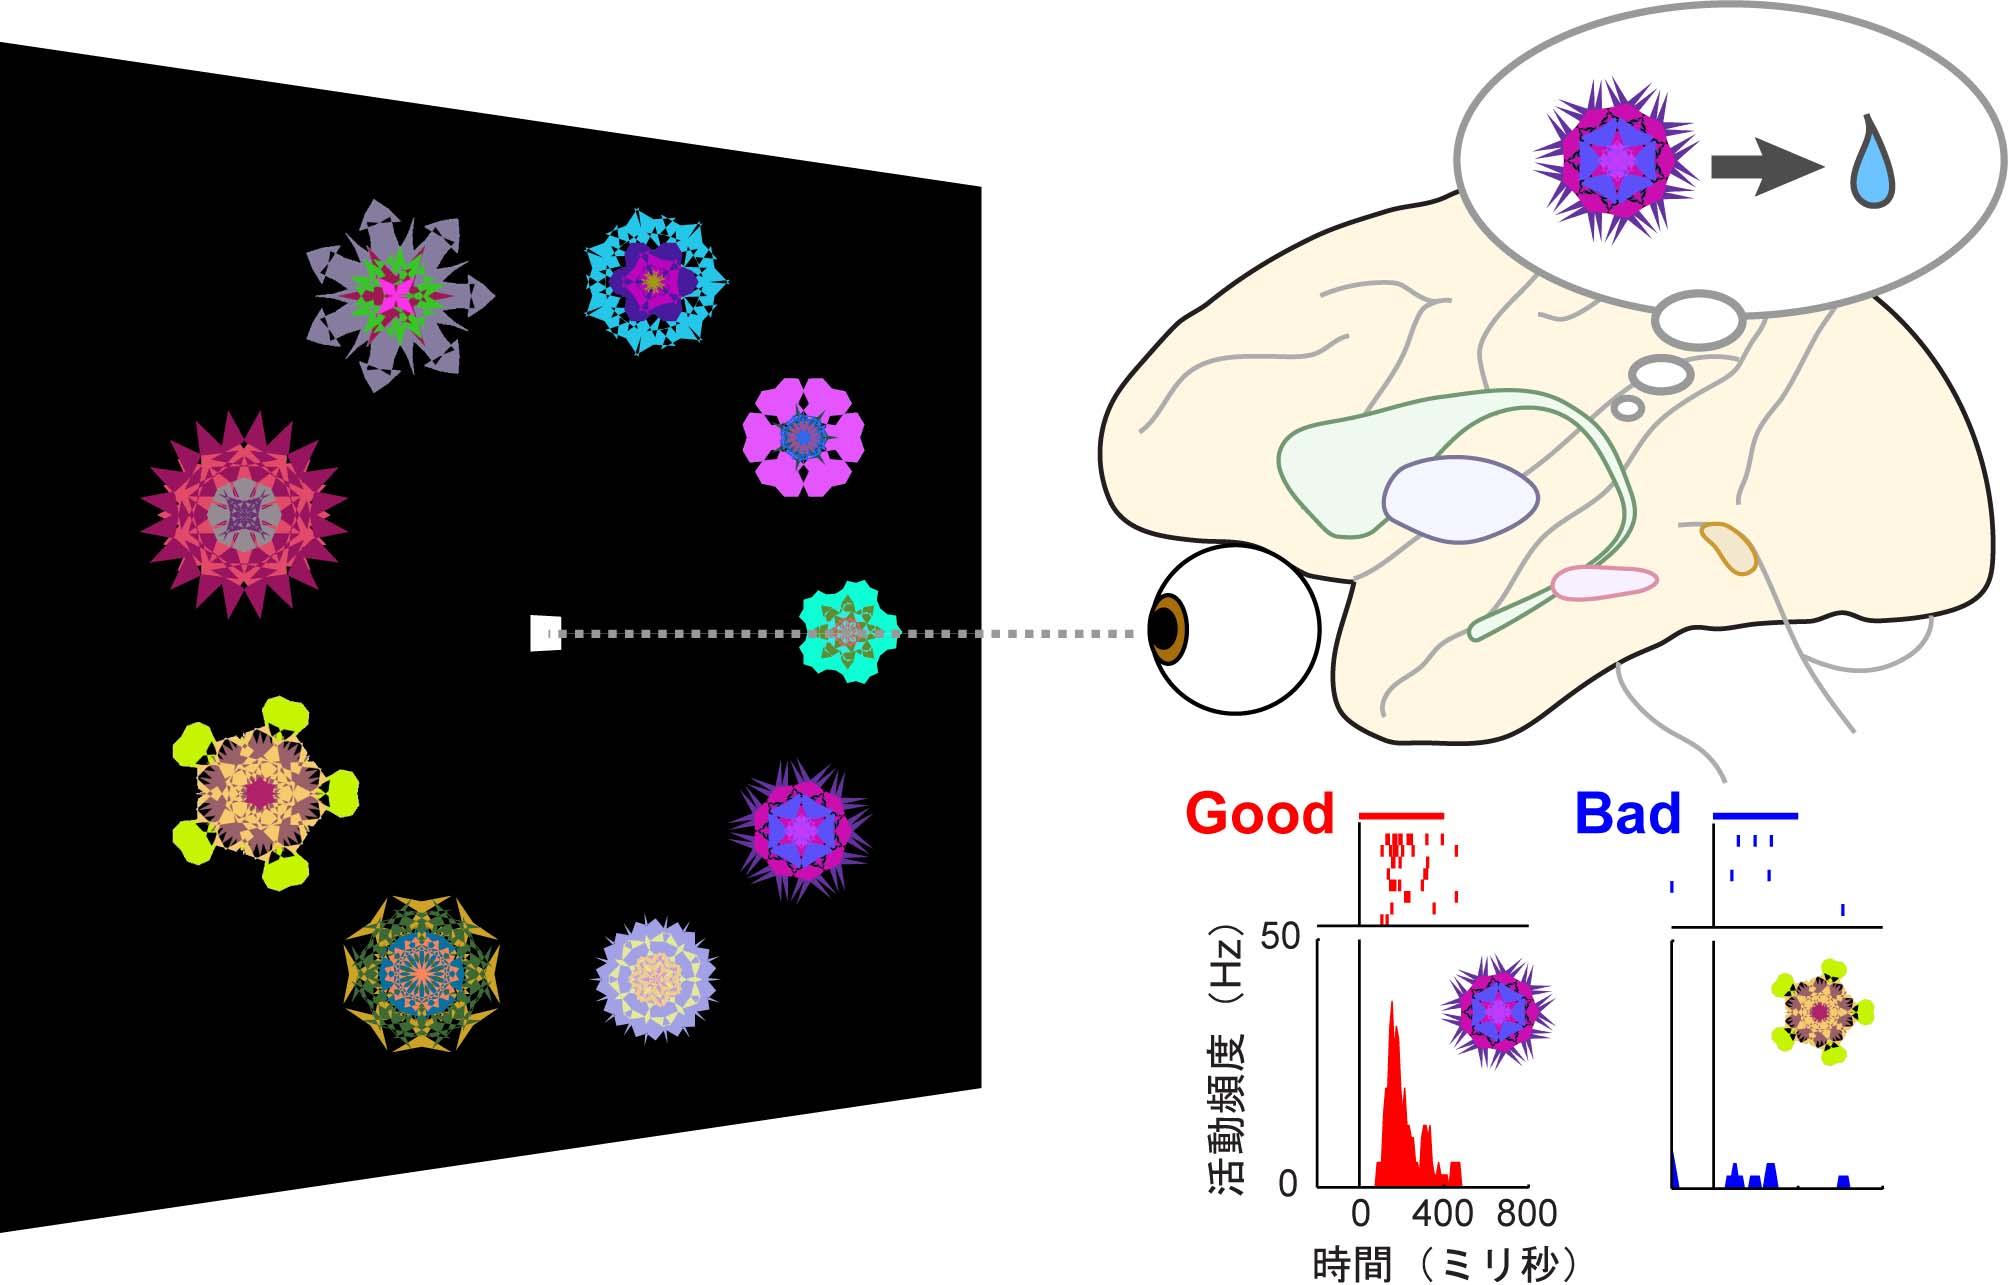 報酬と結びついた図形を探索する課題遂行時のアカゲザル大脳基底核の活動